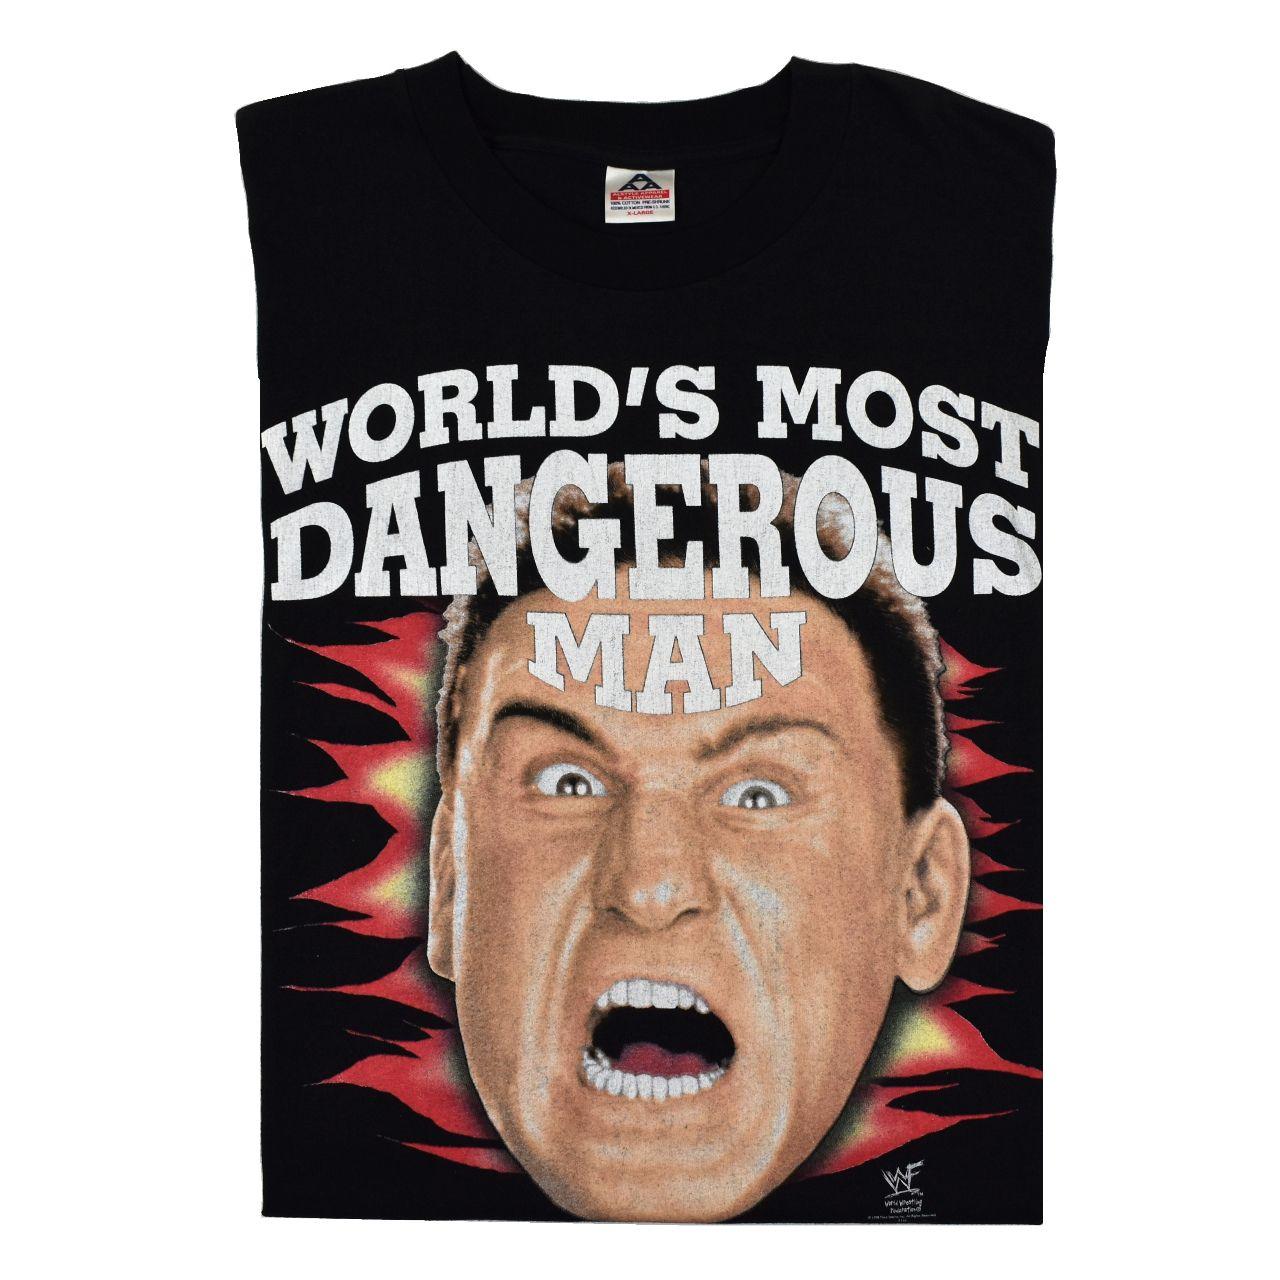 Ken Shamrock Character: 1998 KEN SHAMROCK The World's Most Dangerous Man Vintage W